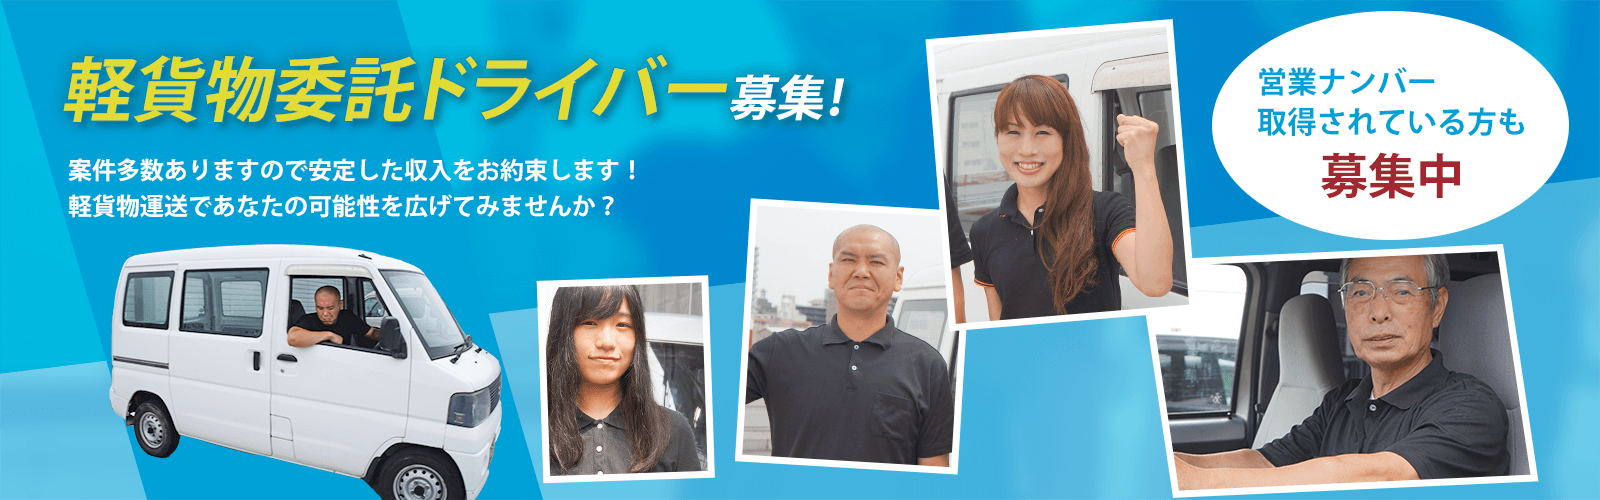 軽貨物委託ドライバー募集!